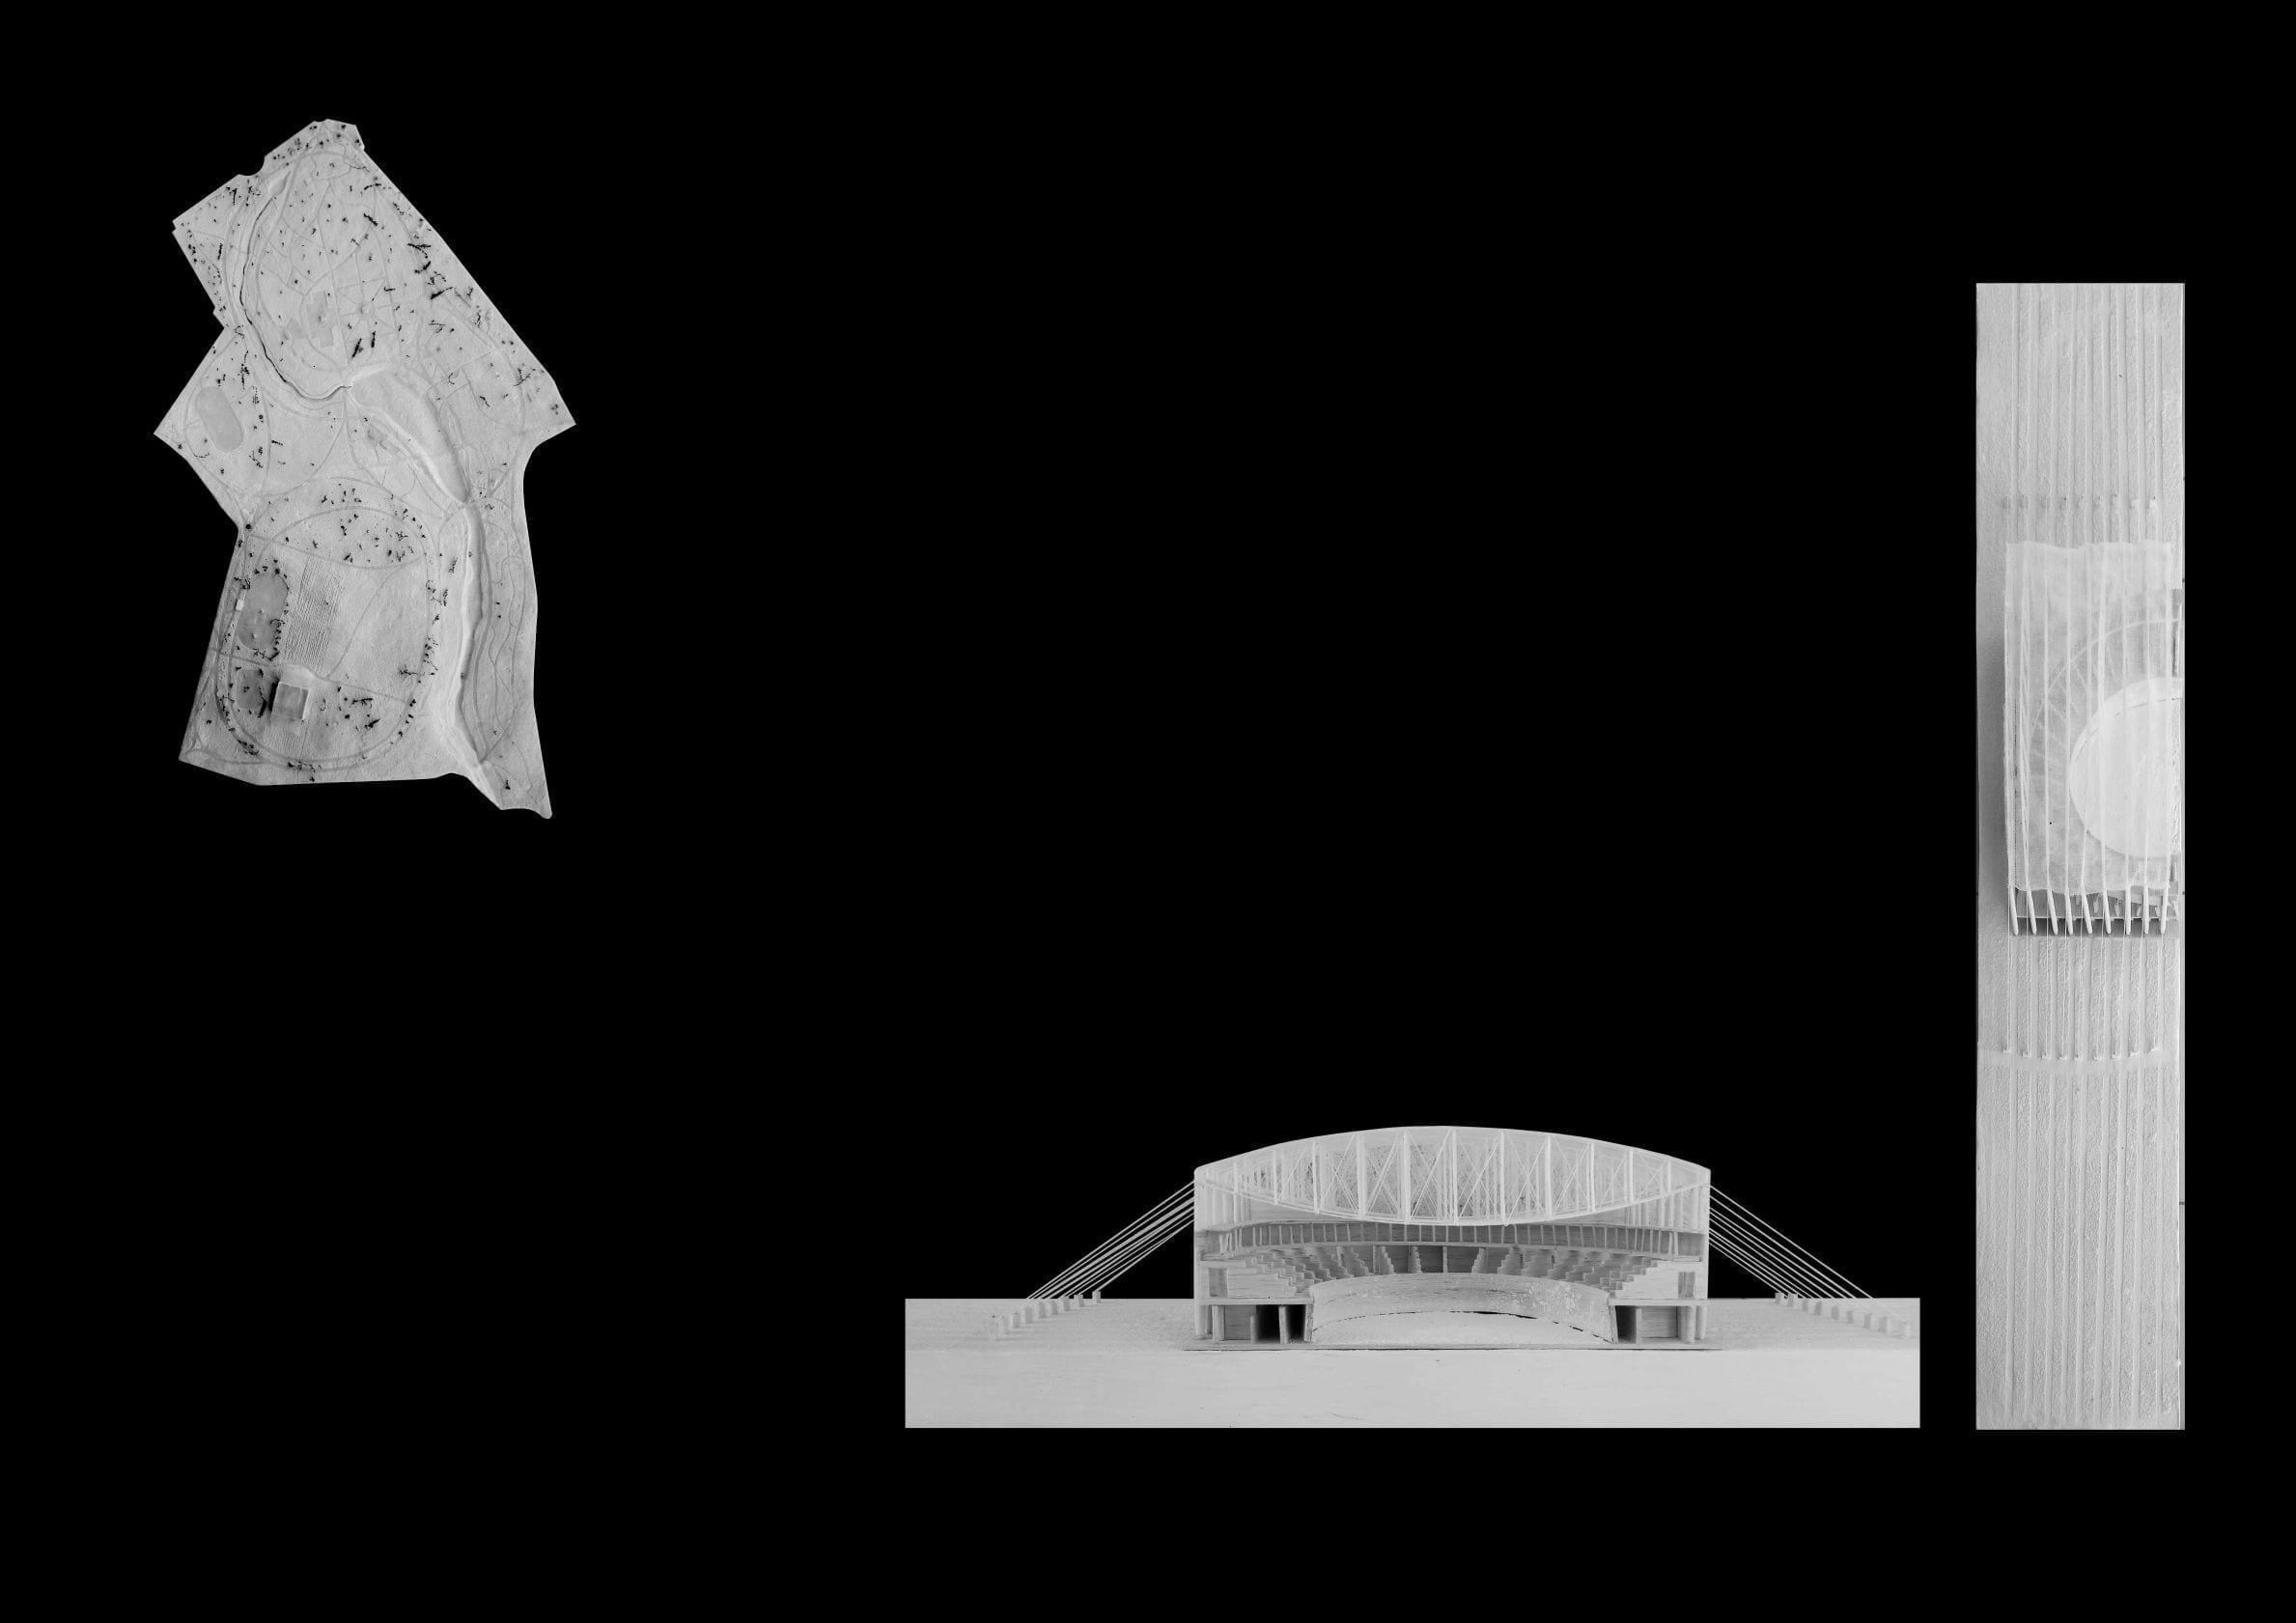 ZENAIDA FLOREA Centru ecvestru de recuperare agrement fostul hipodrom din parcul Nicolae Romanescu 2019 / DIPLOMA Viewing Rooms // The New Now,o colecție de lucrări de arhitectură îngrijită de Eliza Yokina